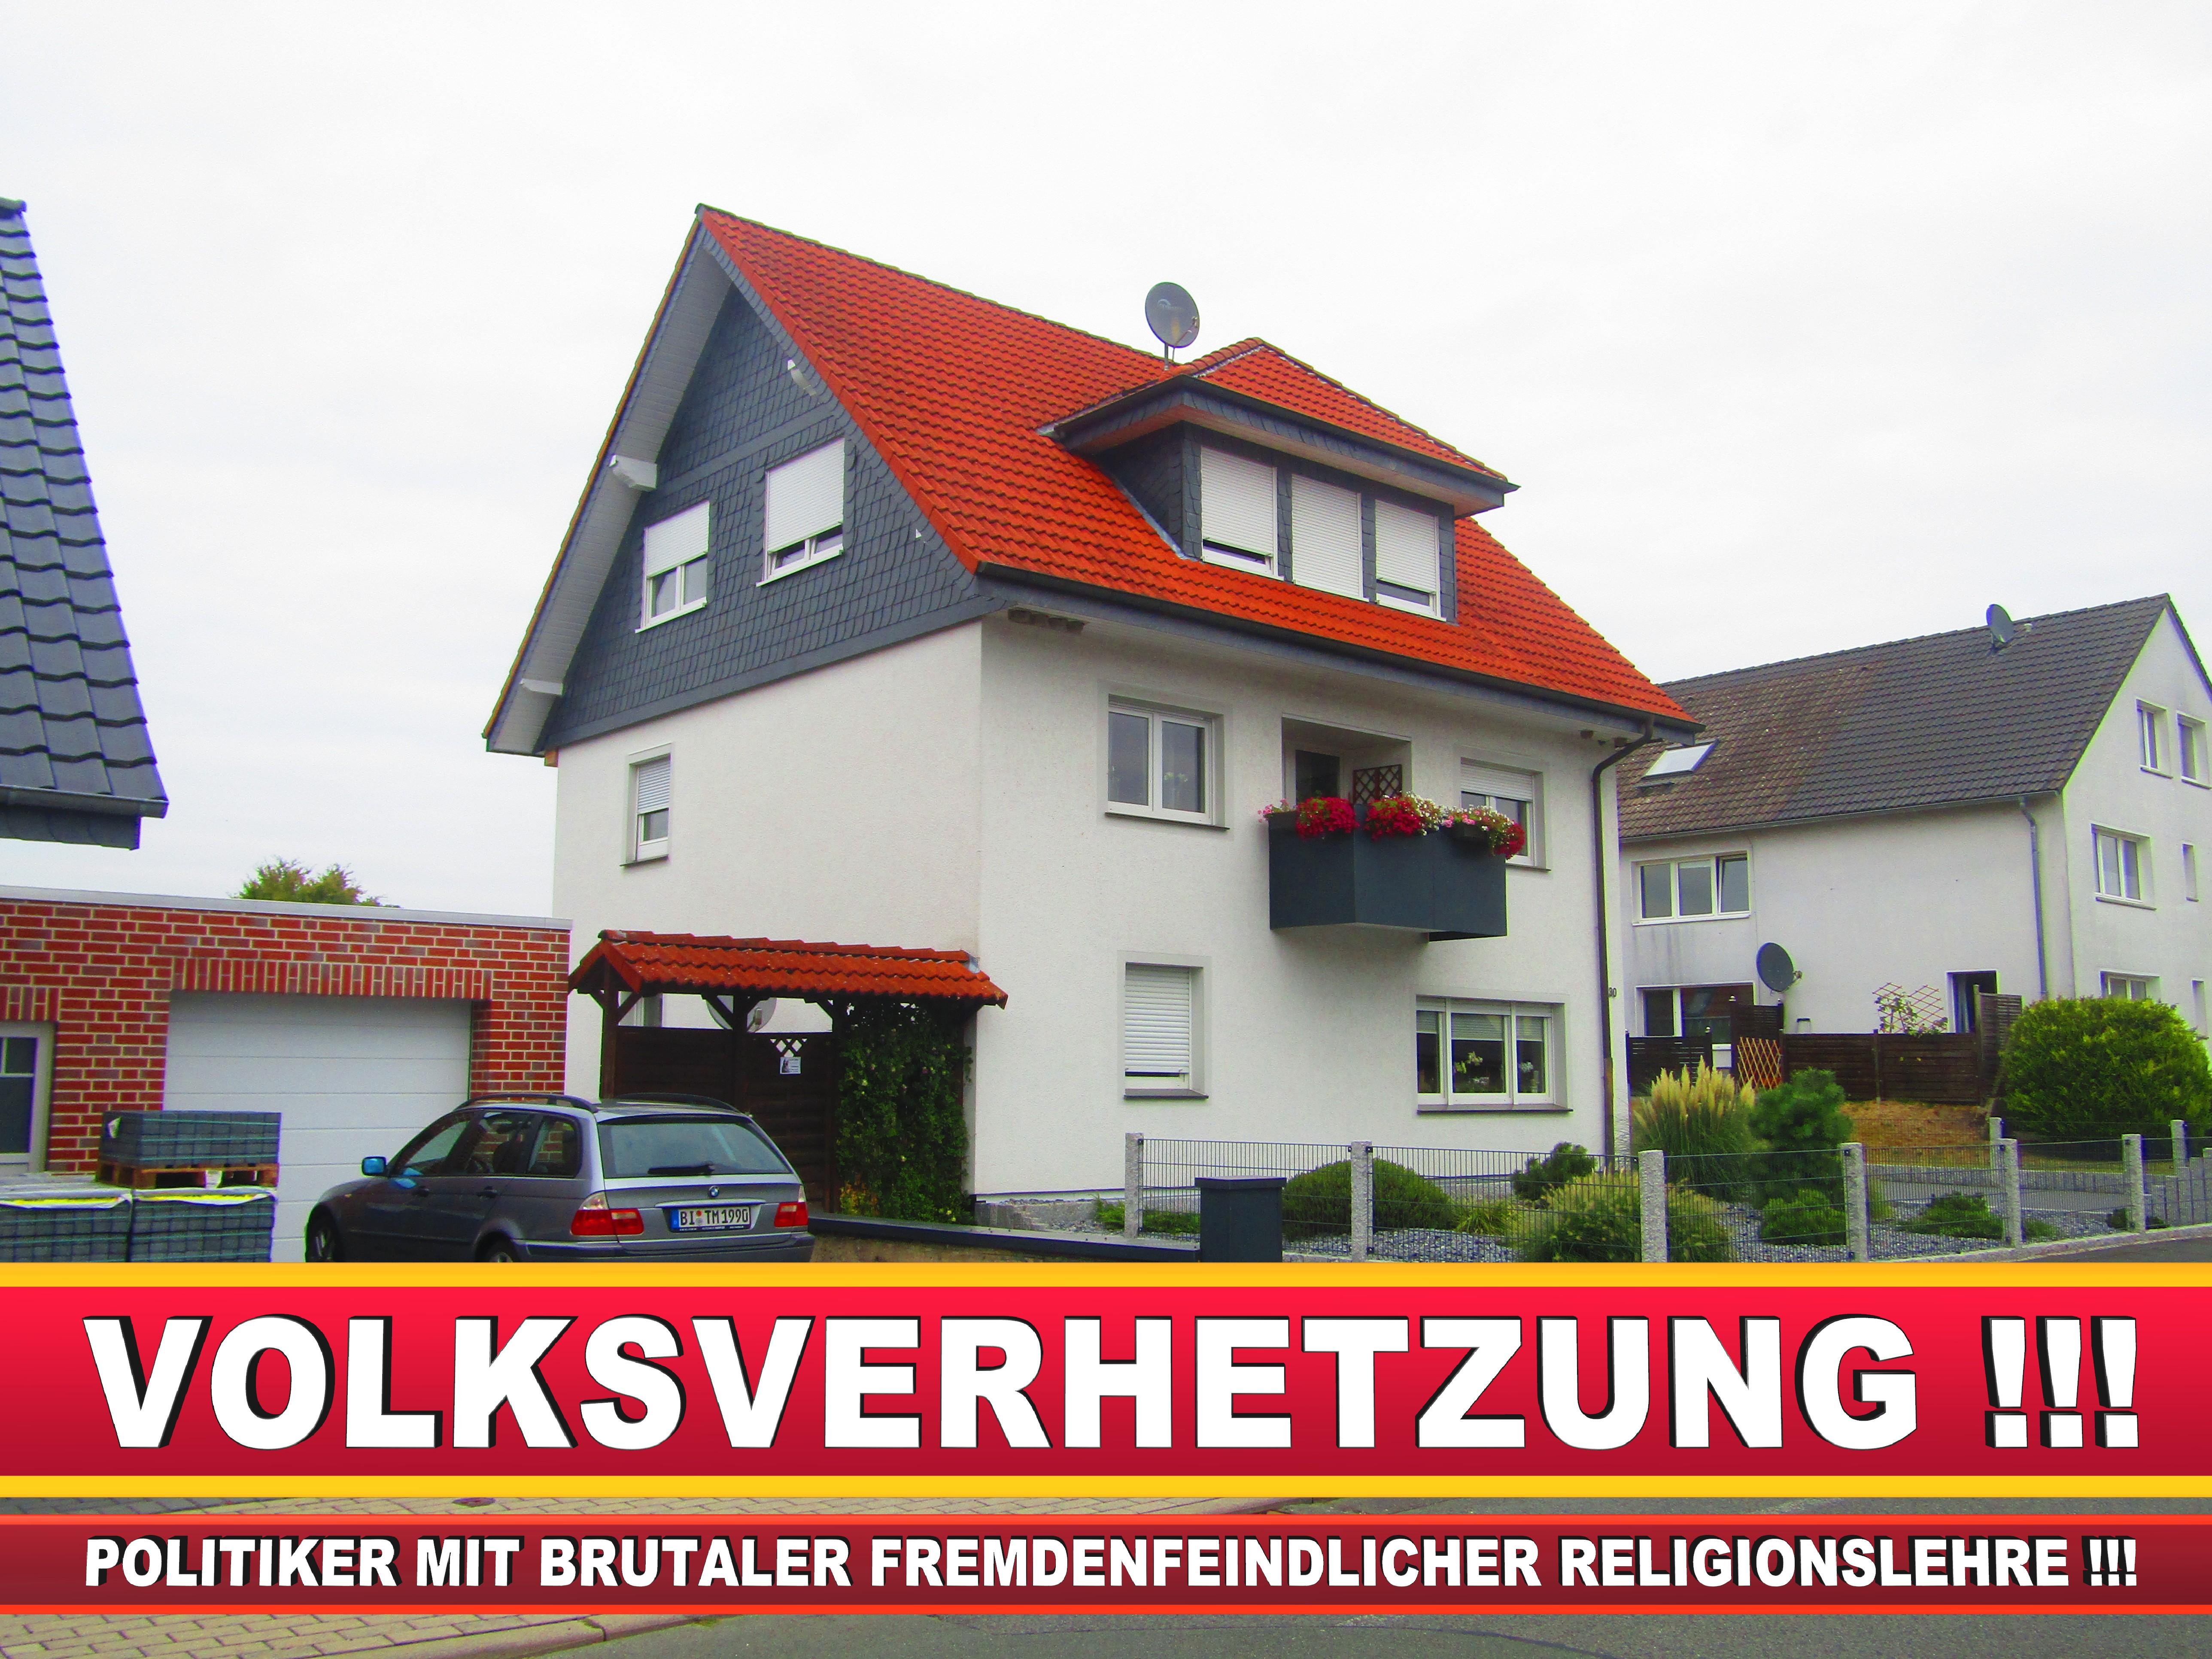 NOLTE UND TOTH GBR CDU BIELEFELD BI (3) LANDTAGSWAHL BUNDESTAGSWAHL BÜRGERMEISTERWAHL